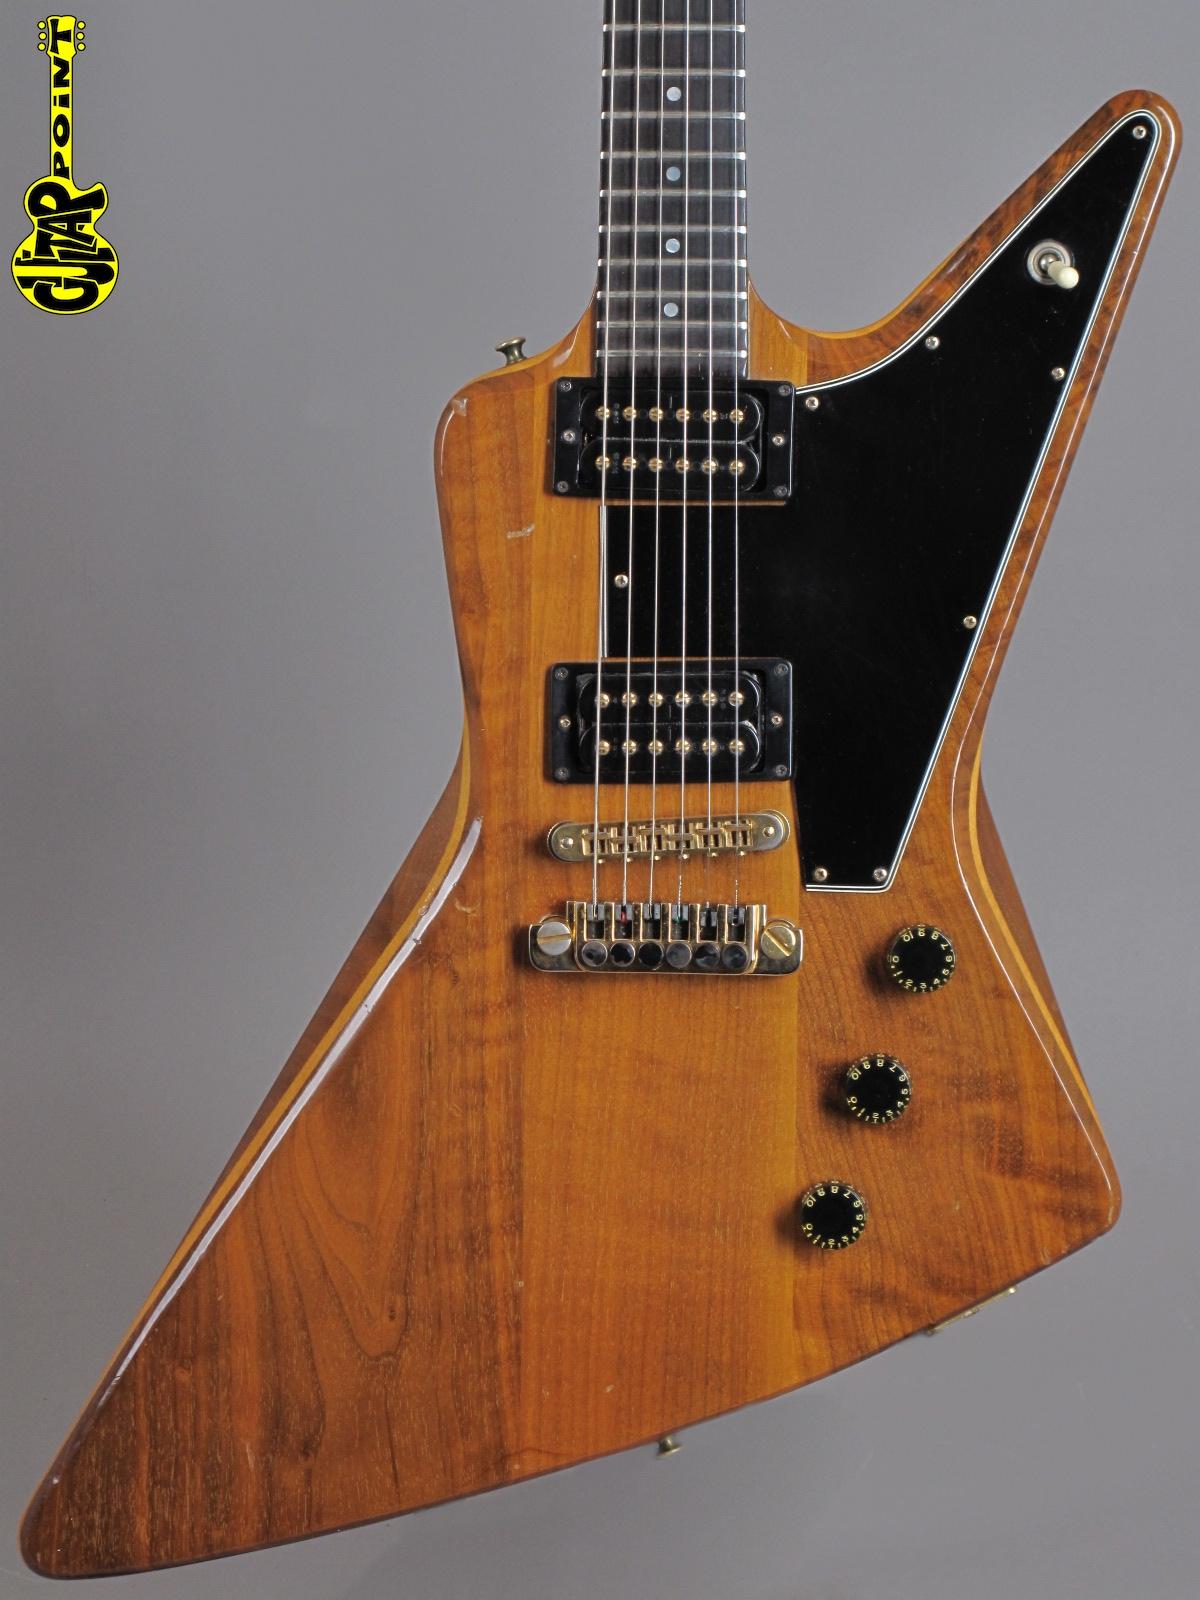 1980 Gibson Explorer E/2 - Natural